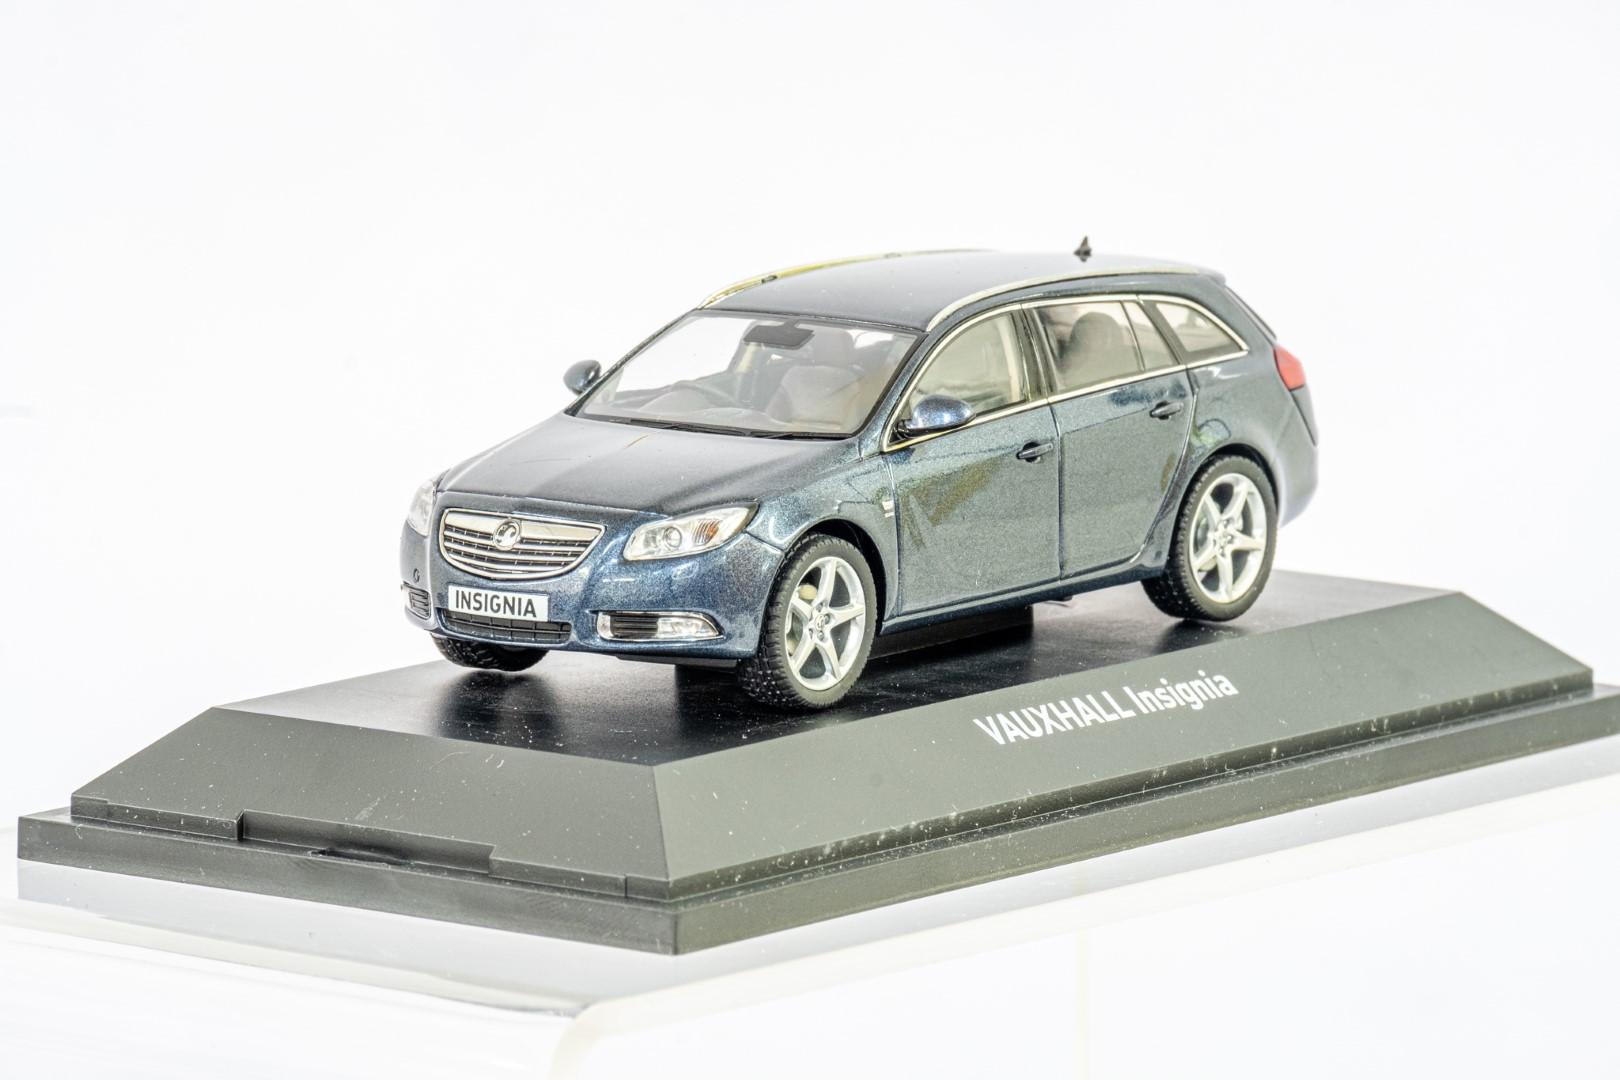 2 x Boxed Car Models - Vauxhall Zafira & Insignia - Image 3 of 7